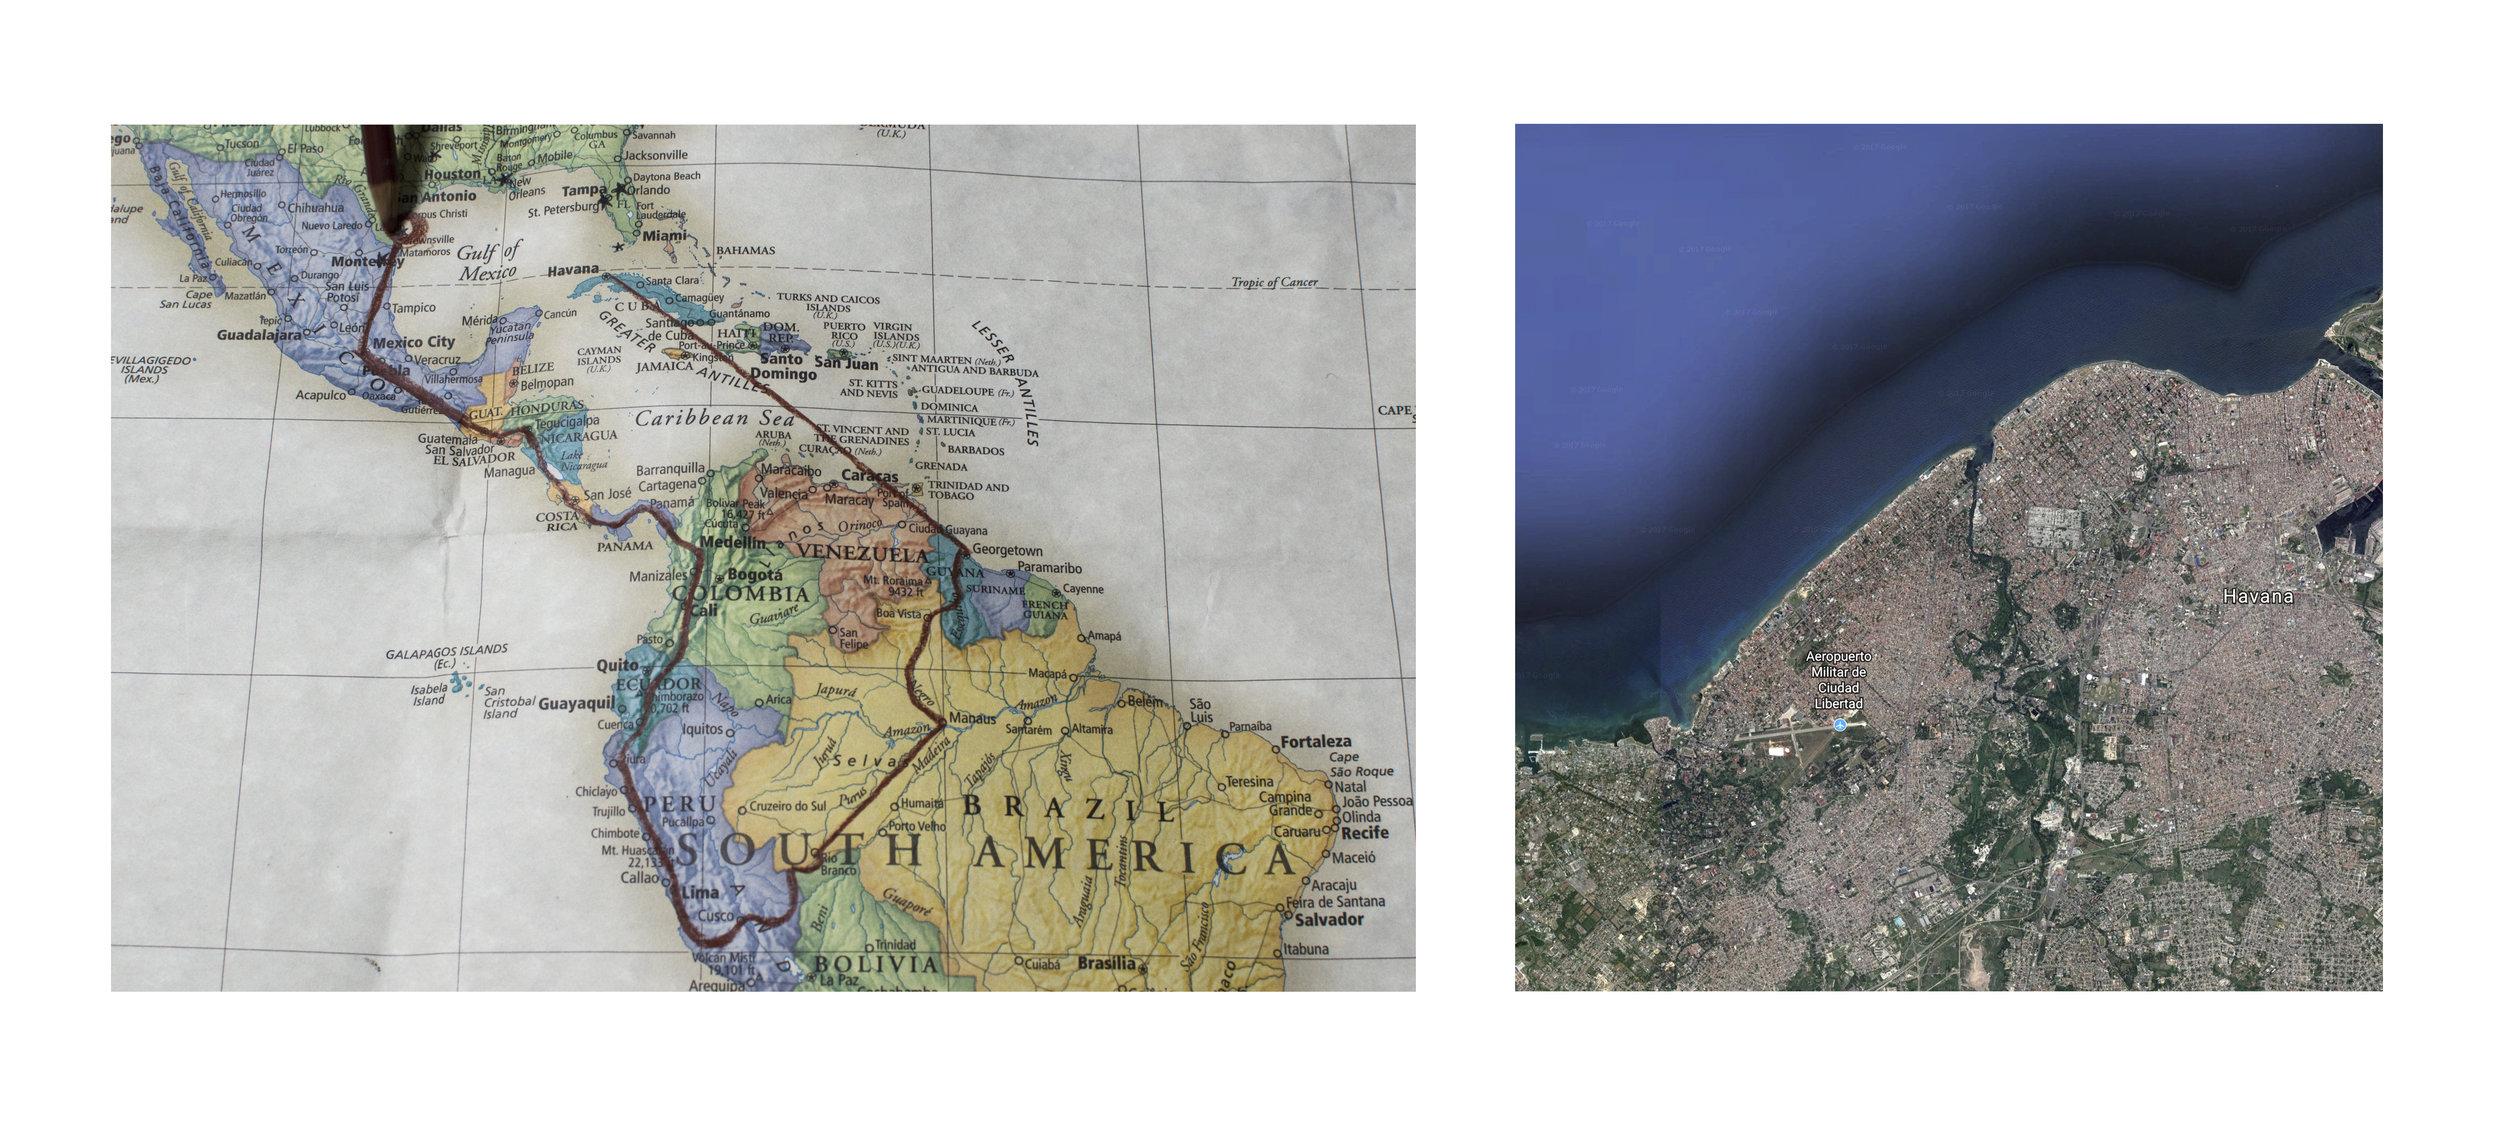 havanaairportmap.jpg